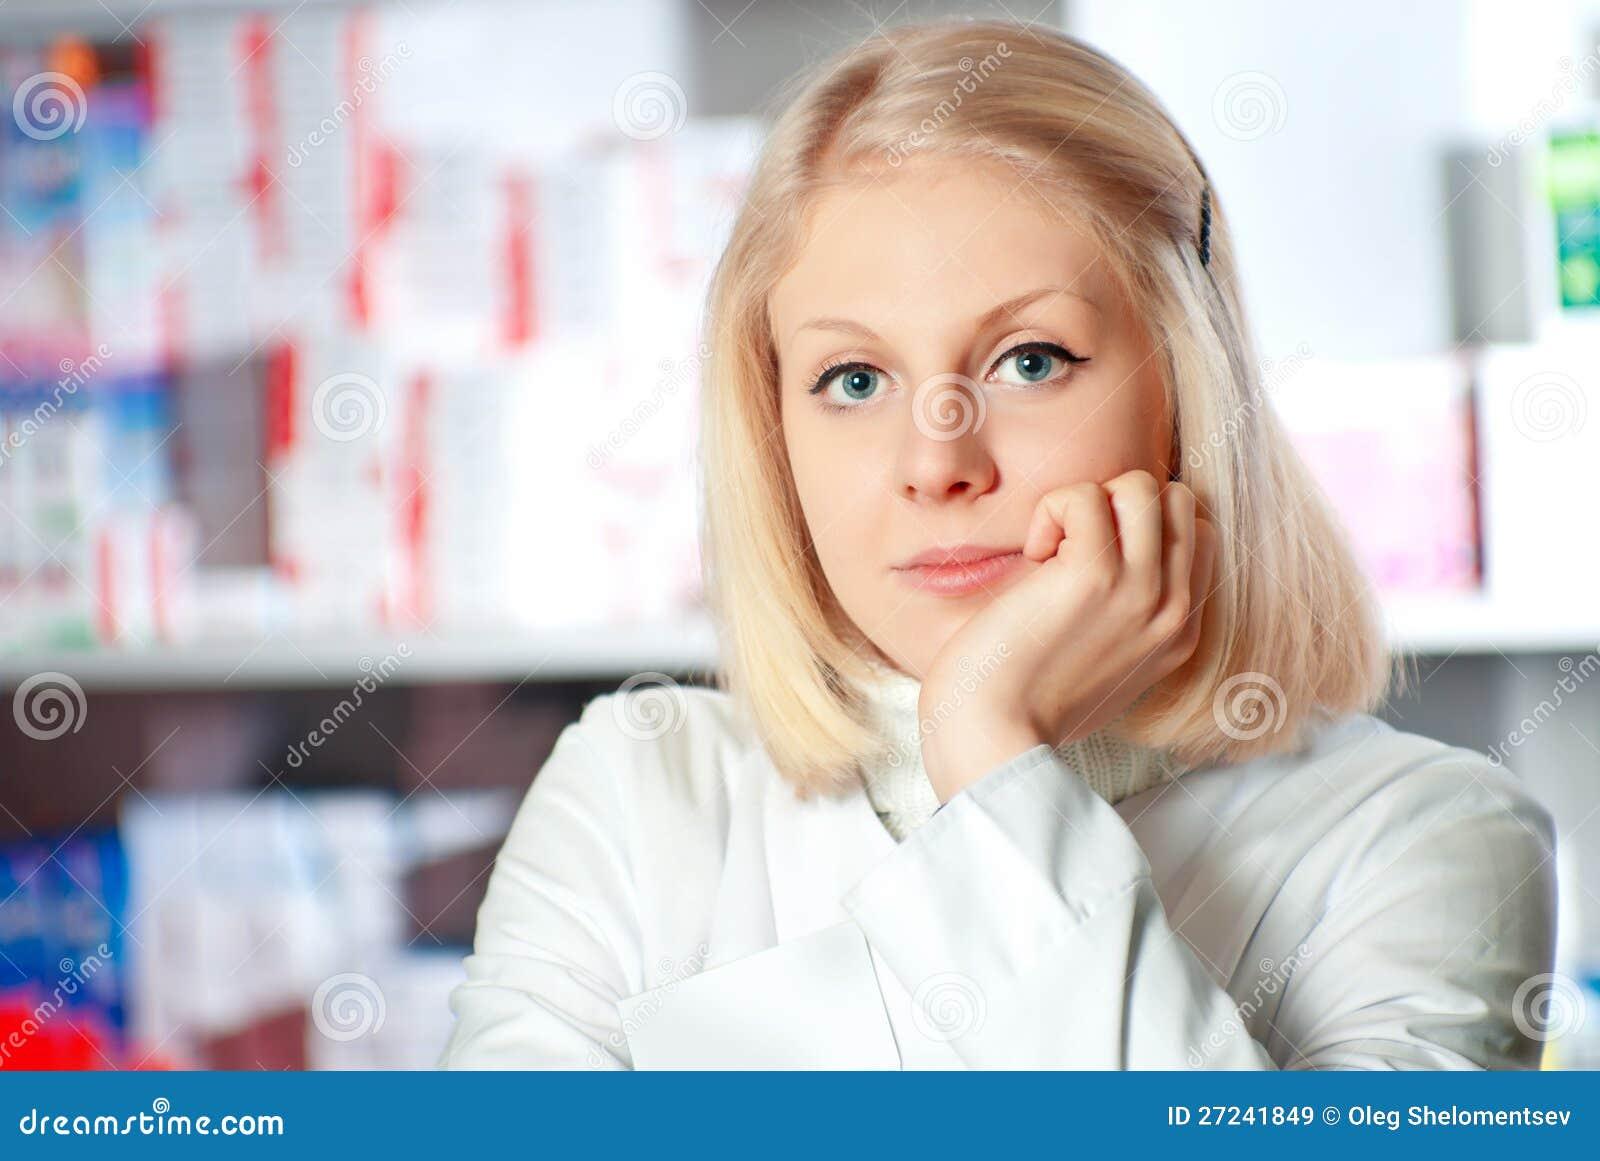 skinoren cream where to buy